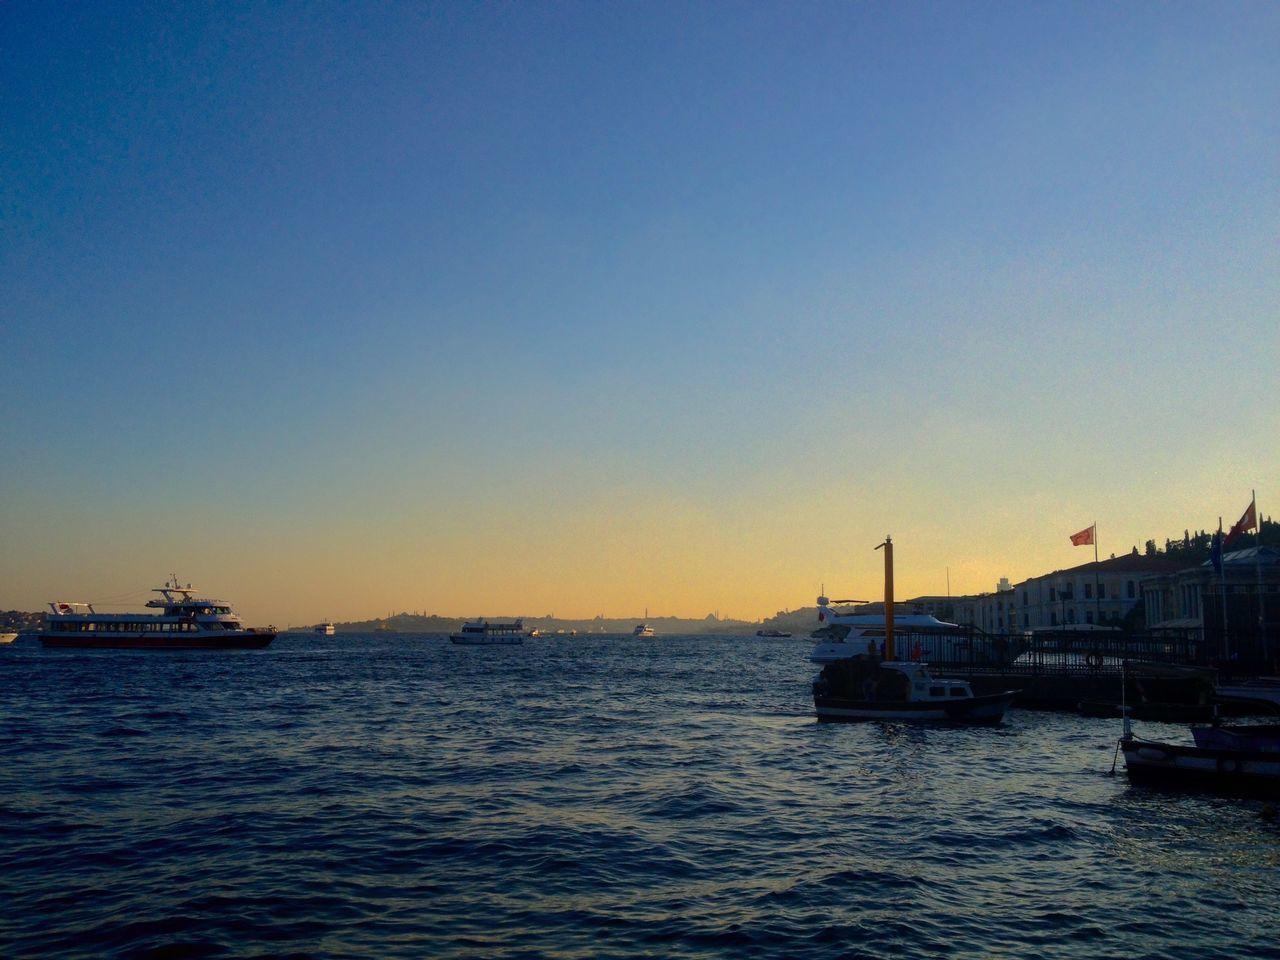 Ortaköy Istanbul Sunset Taking Photos Hello World Turkey Sea Boats